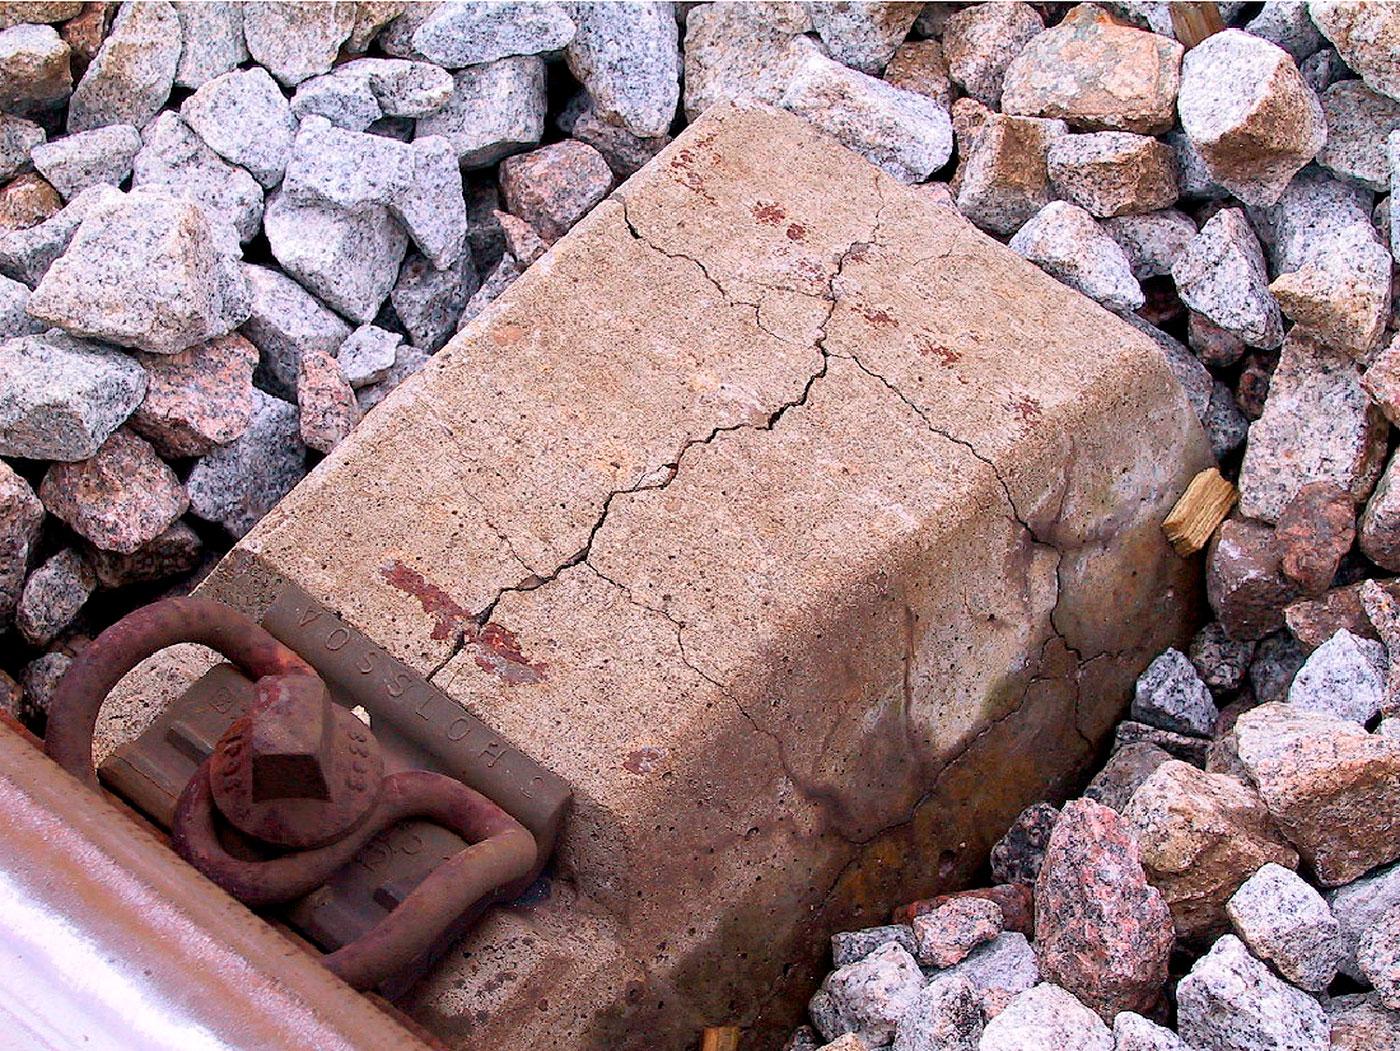 Dormente de concreto com etringita tardia e reação álcali-agregado: patologias podem ocorrer simultaneamente em estruturas. Crédito: LNEC